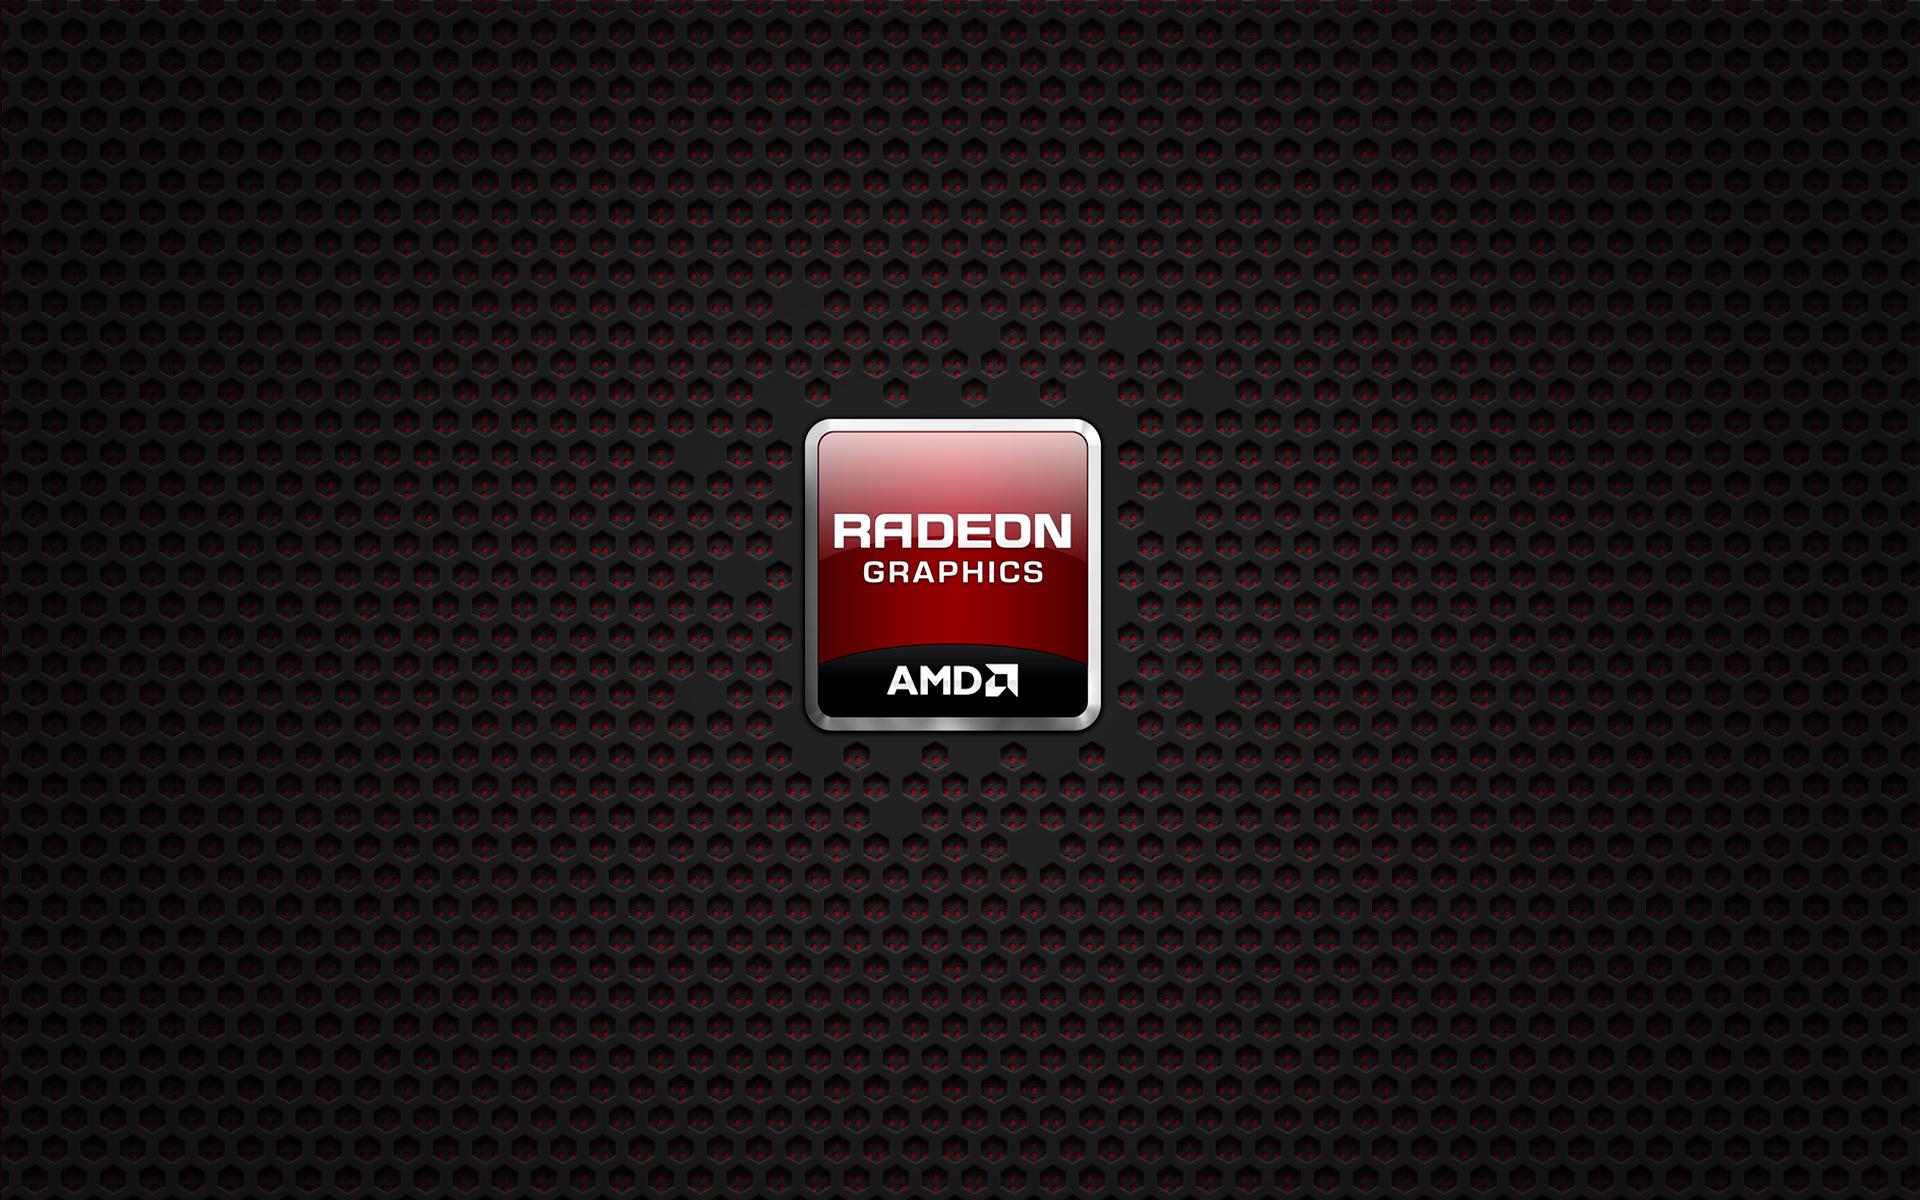 AMD A10 Wallpaper